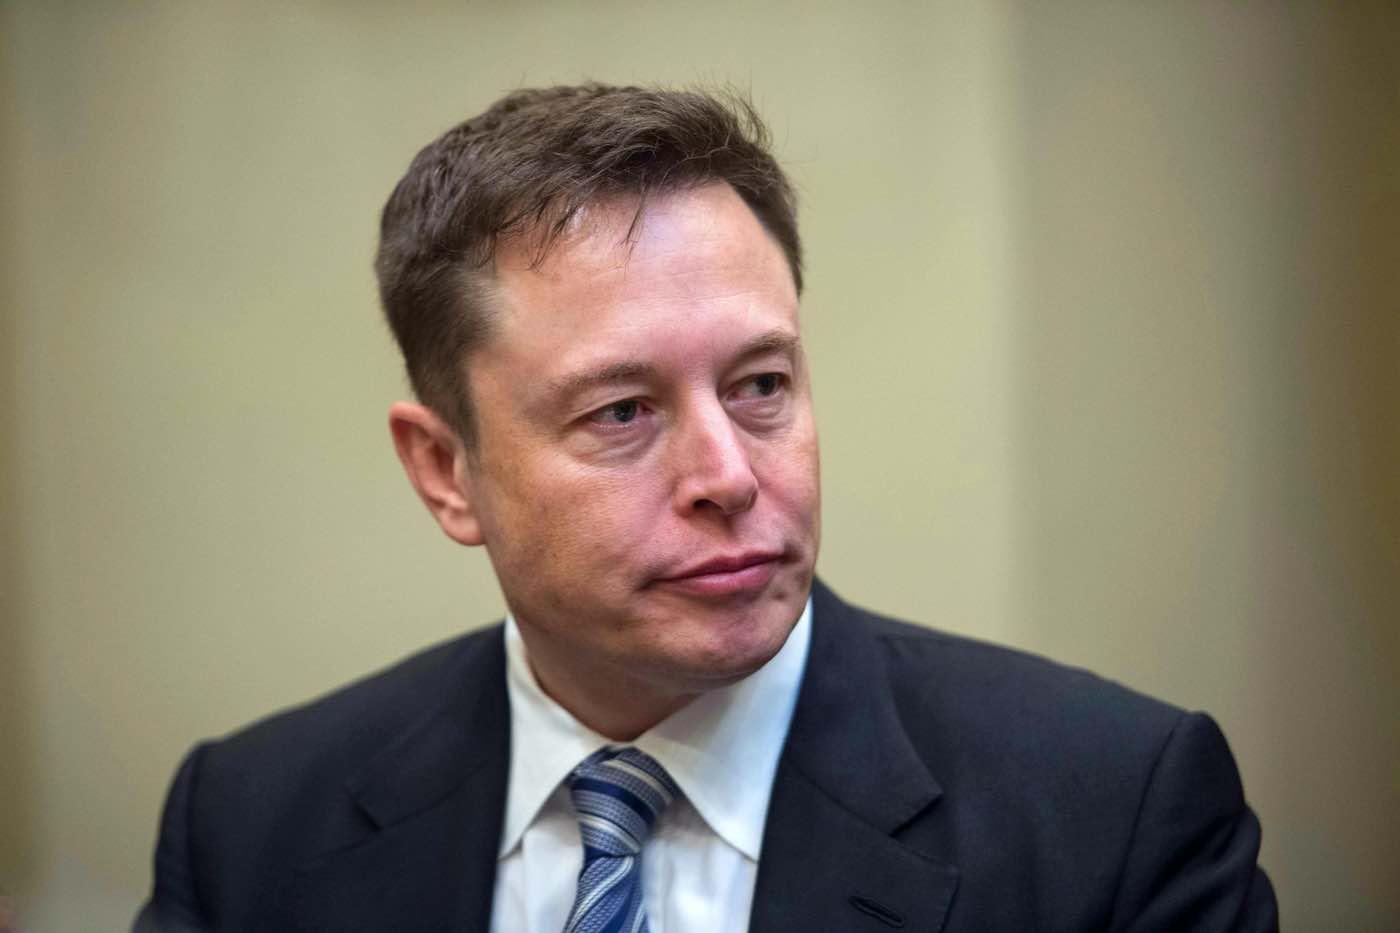 Elon Musk es ahora la persona más rica del mundo, pasando a Jeff Bezos y Bill Gates